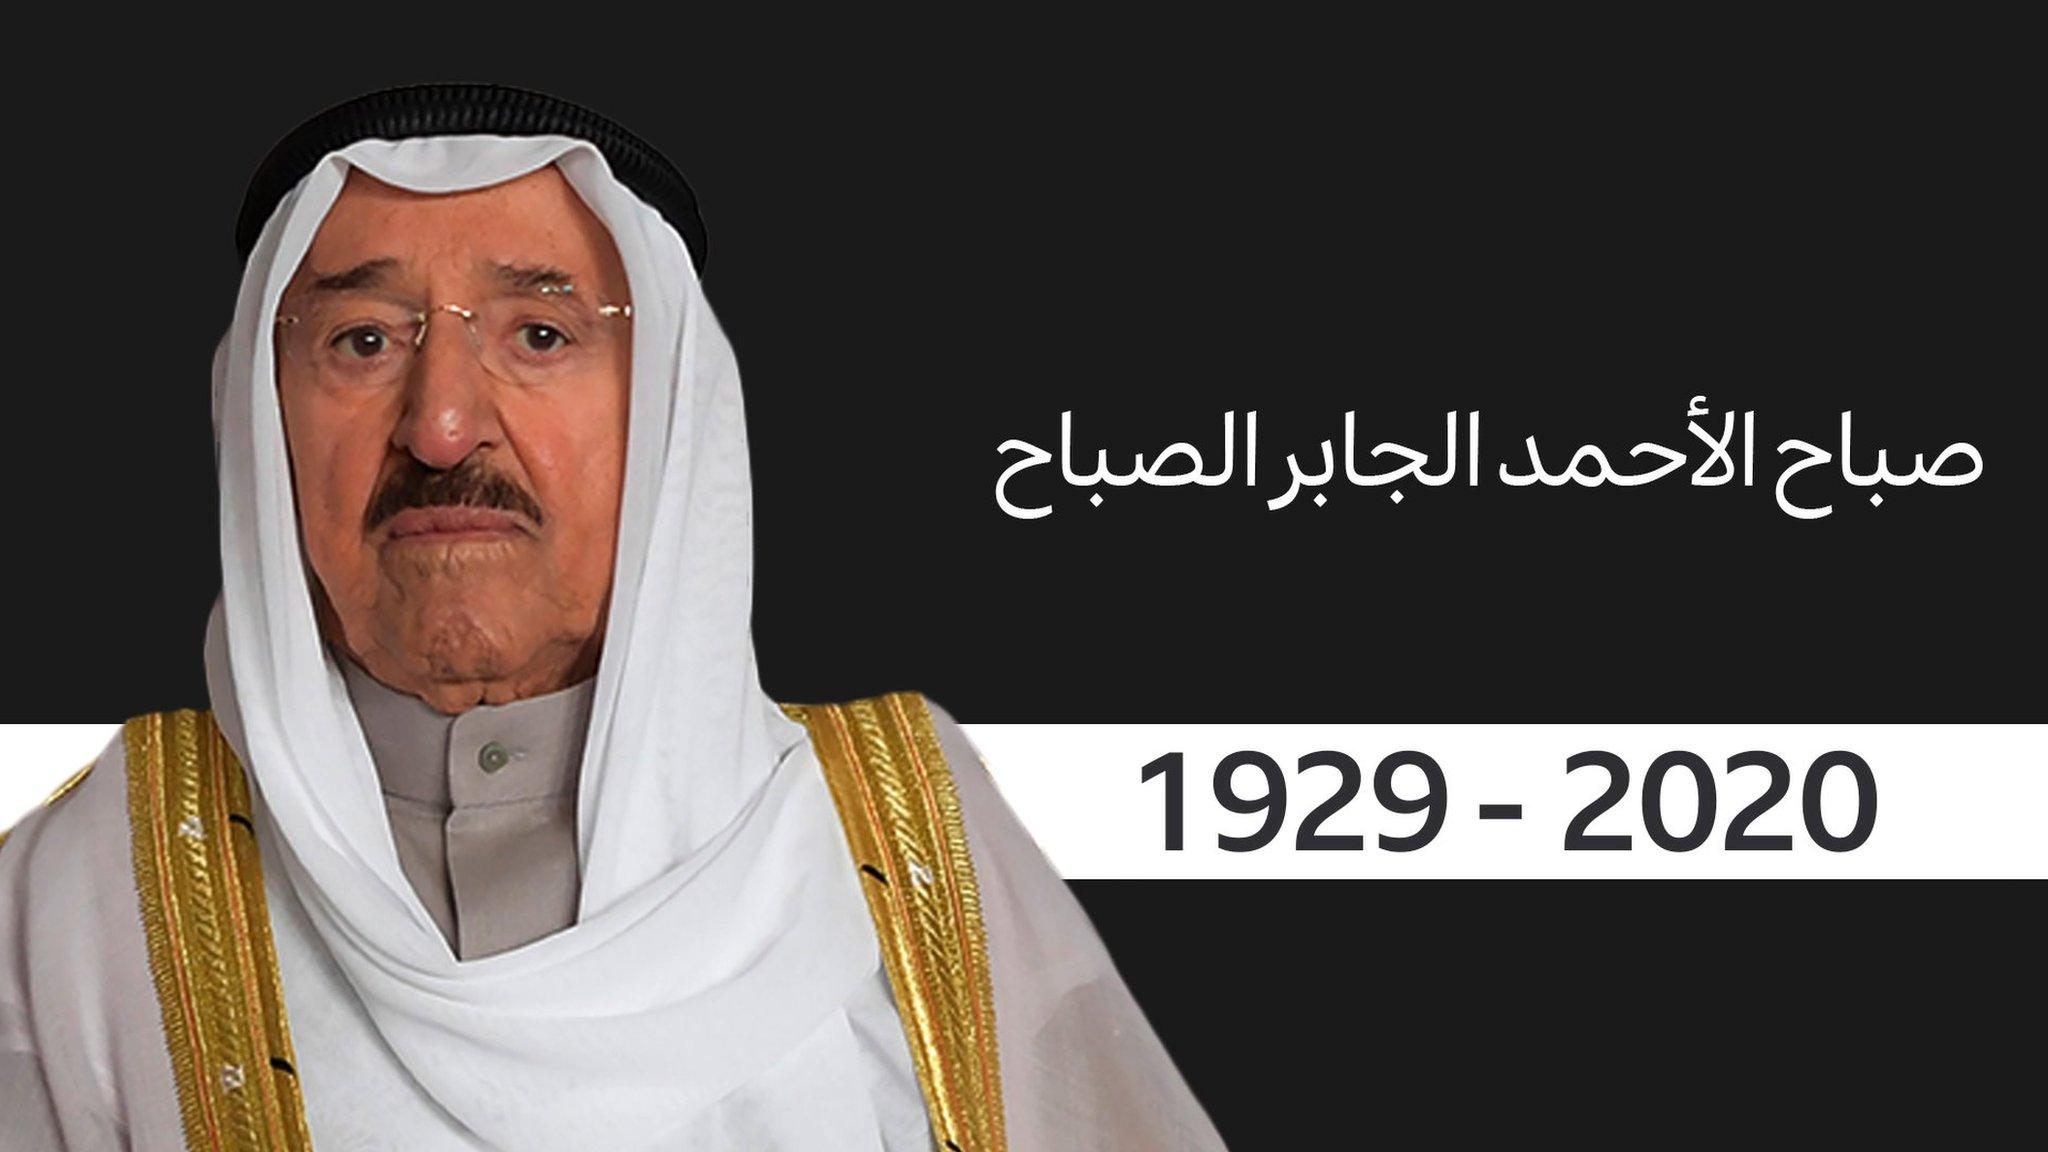 ولد الشيخ صباح أحمد الصباح في مدينة الجهراء عام 1929